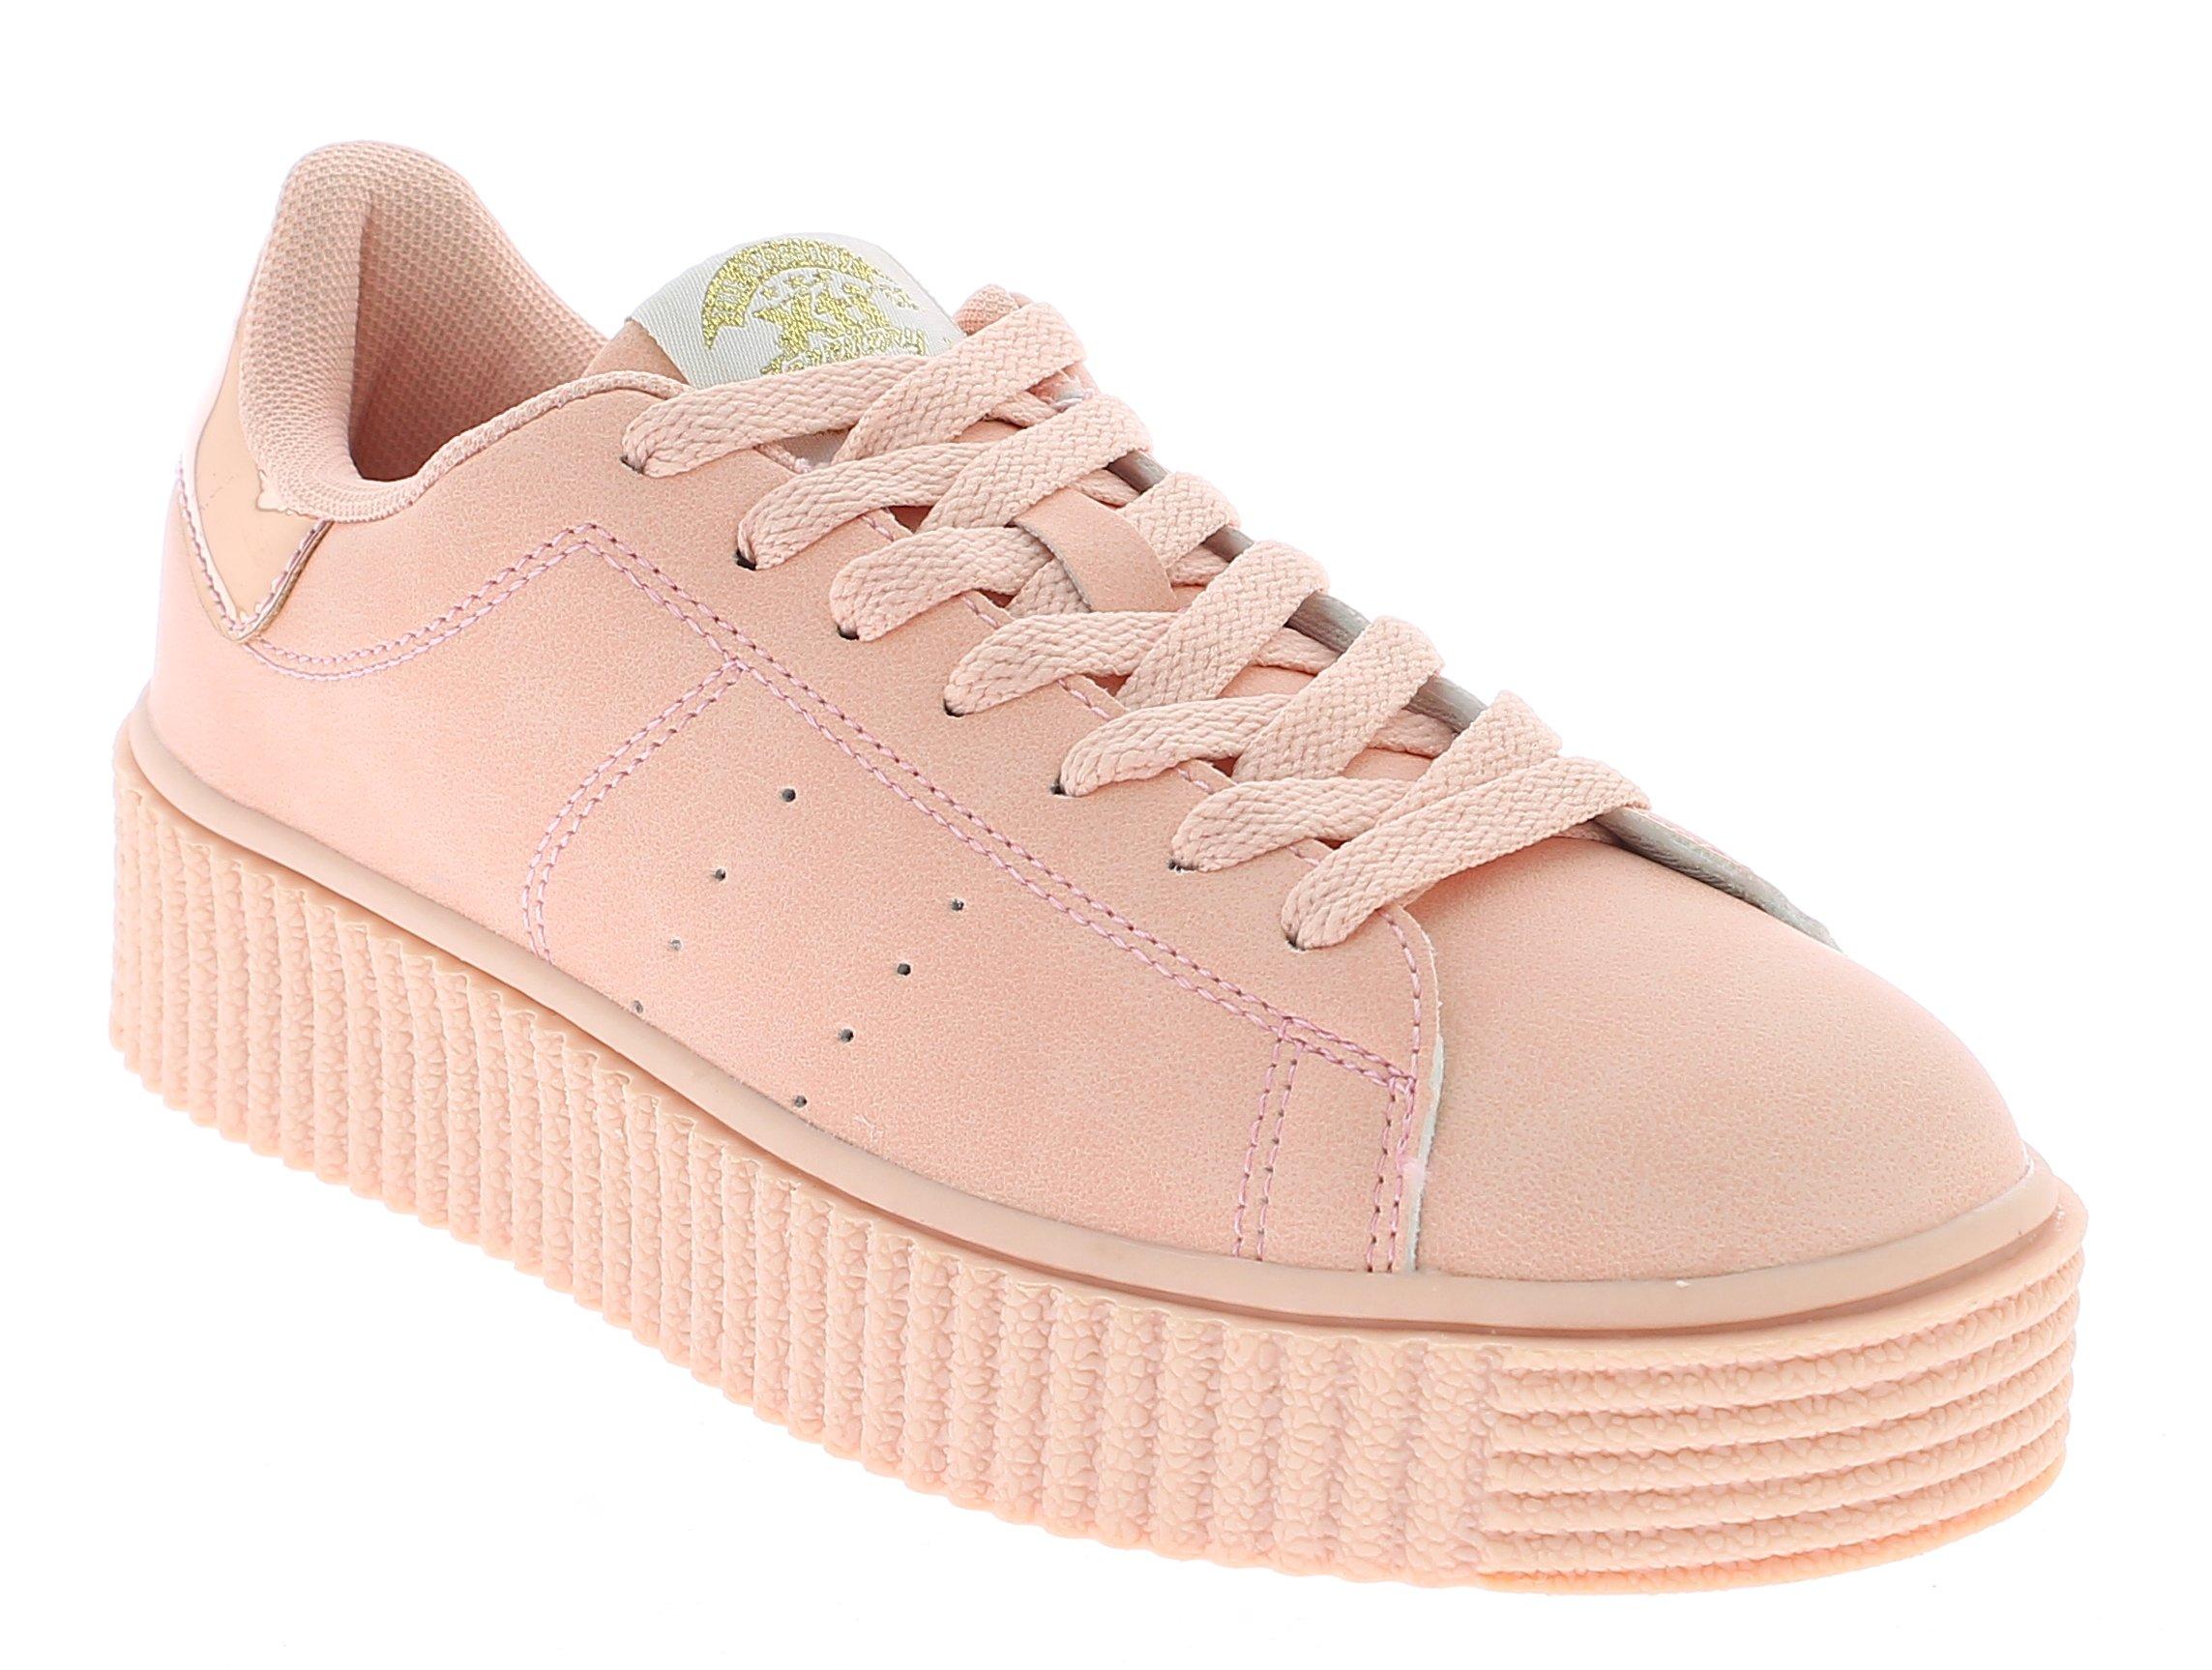 XTI Γυναικείο Casual 46987 Ροζ - IqShoes - 46987 ROSA-pink-38/1/11/11 προϊόντα παπούτσια